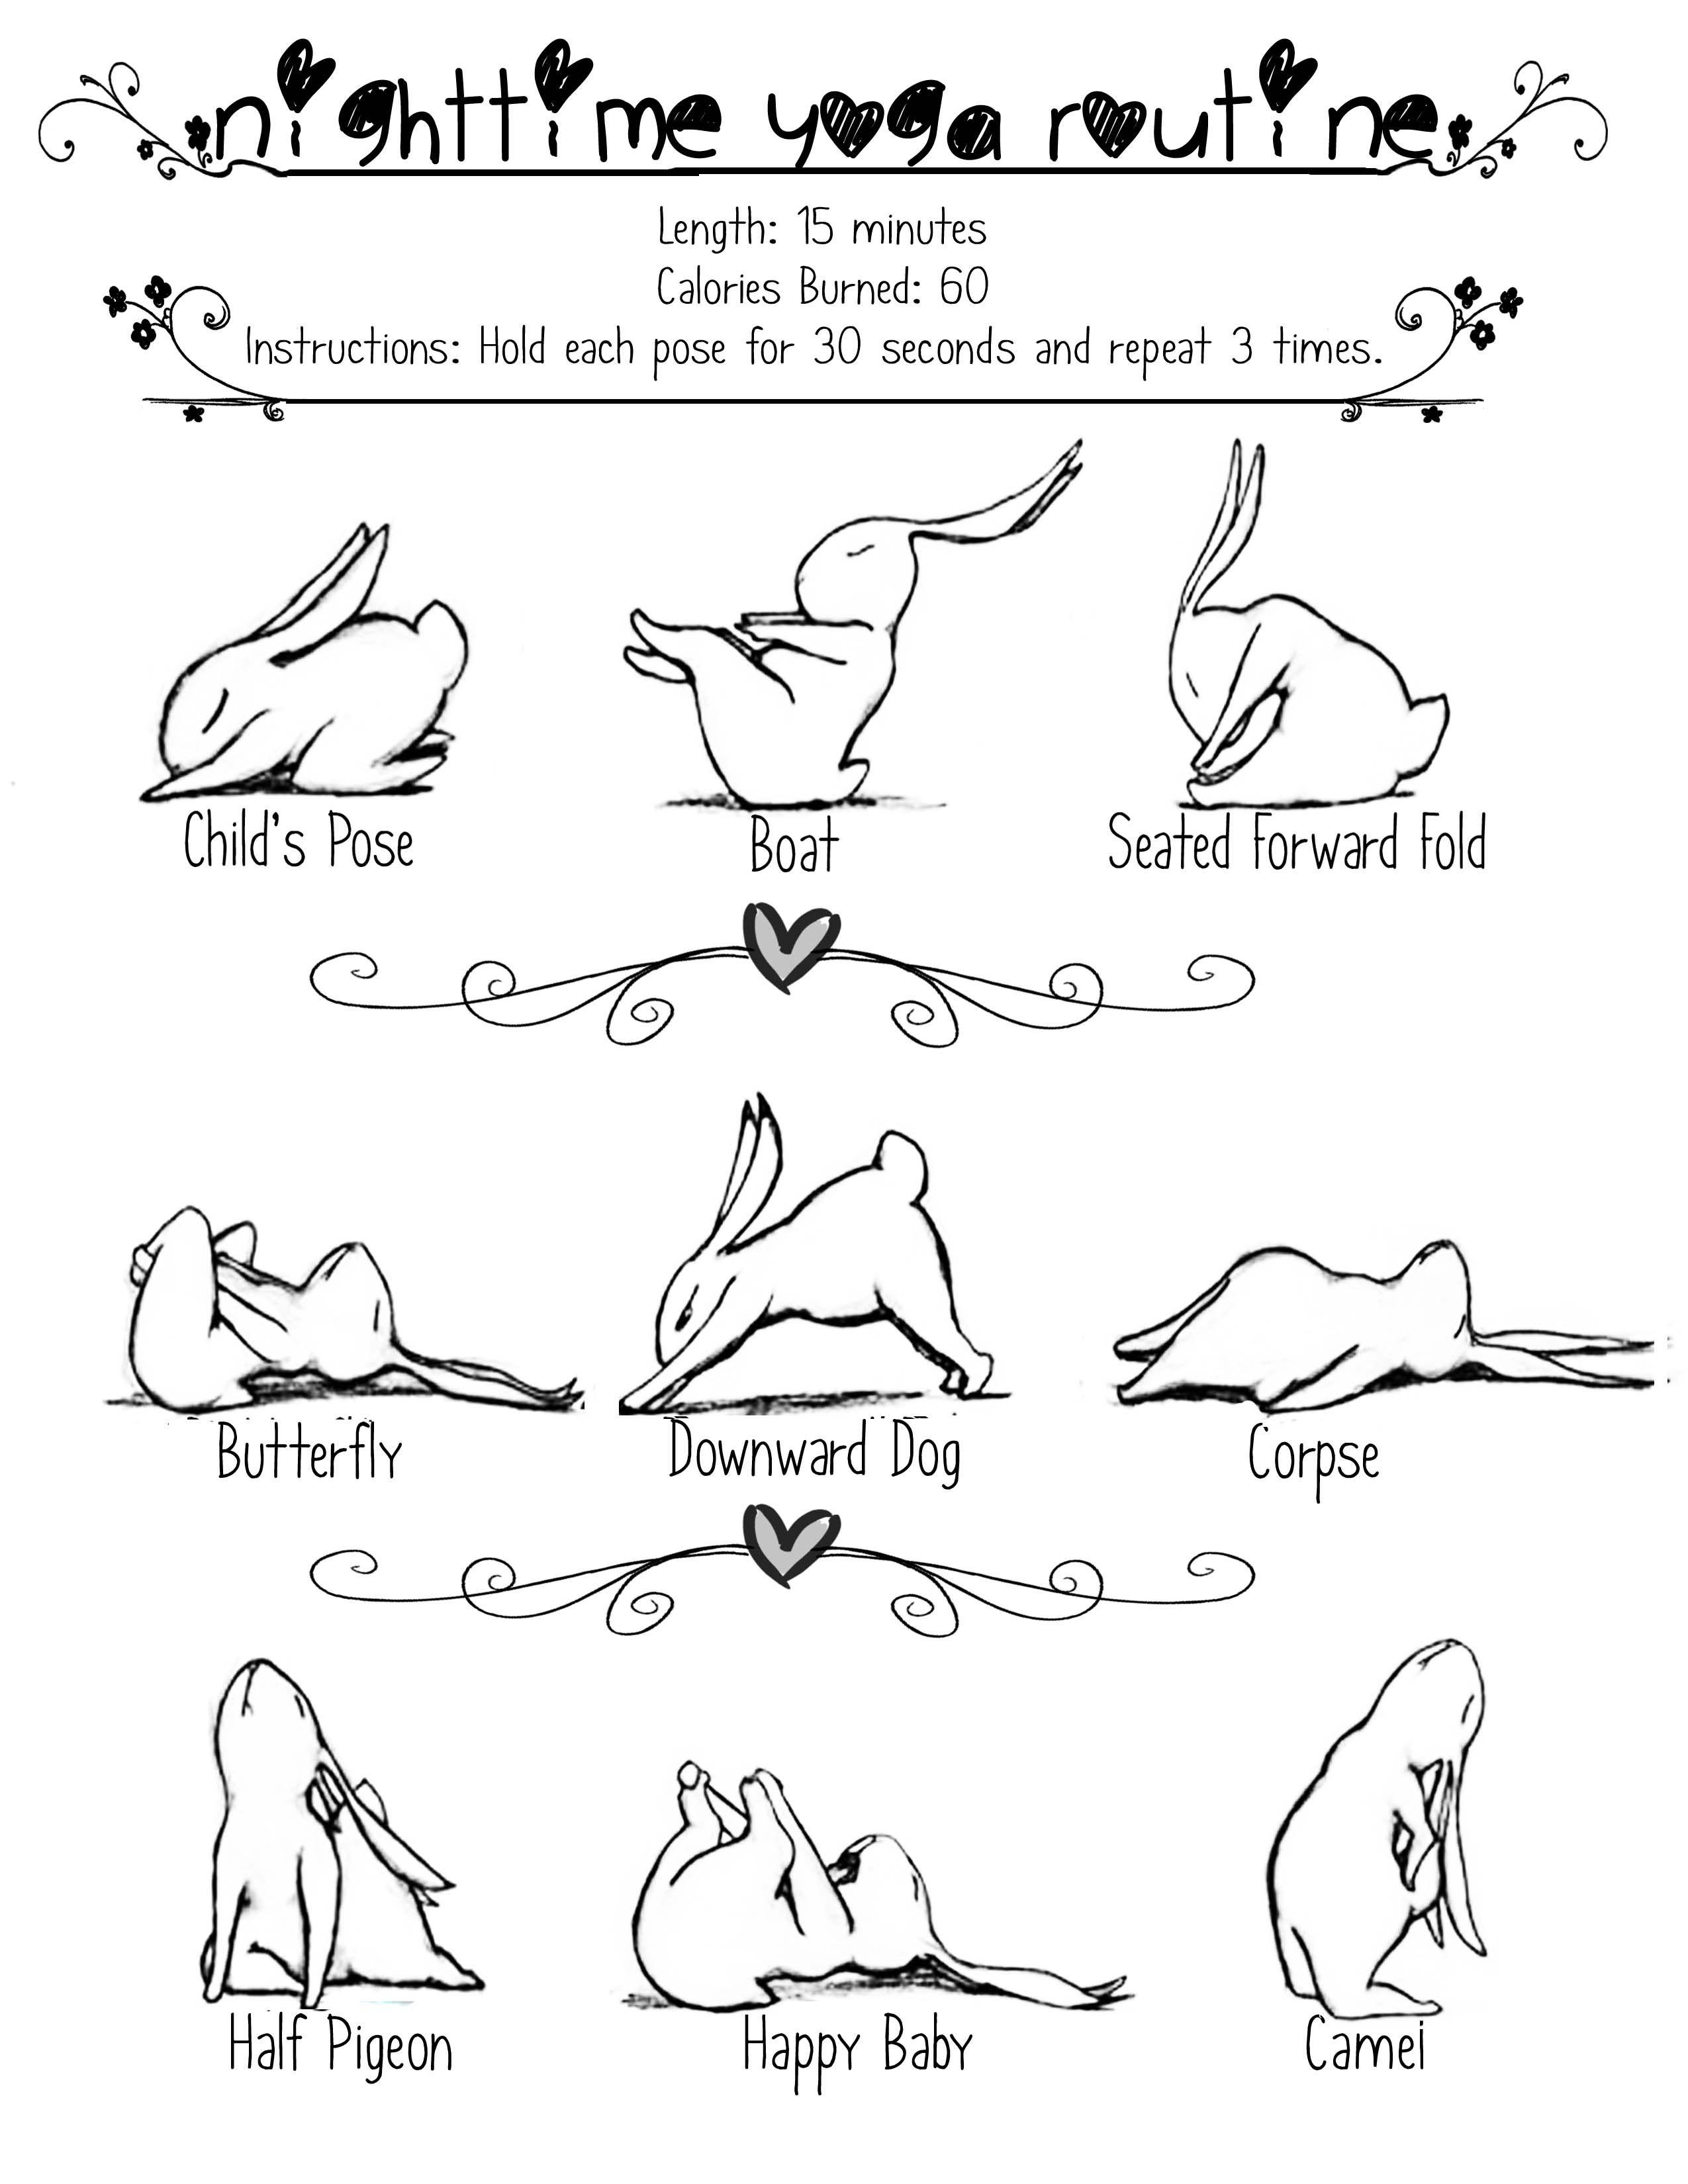 Easy Nighttime Yoga